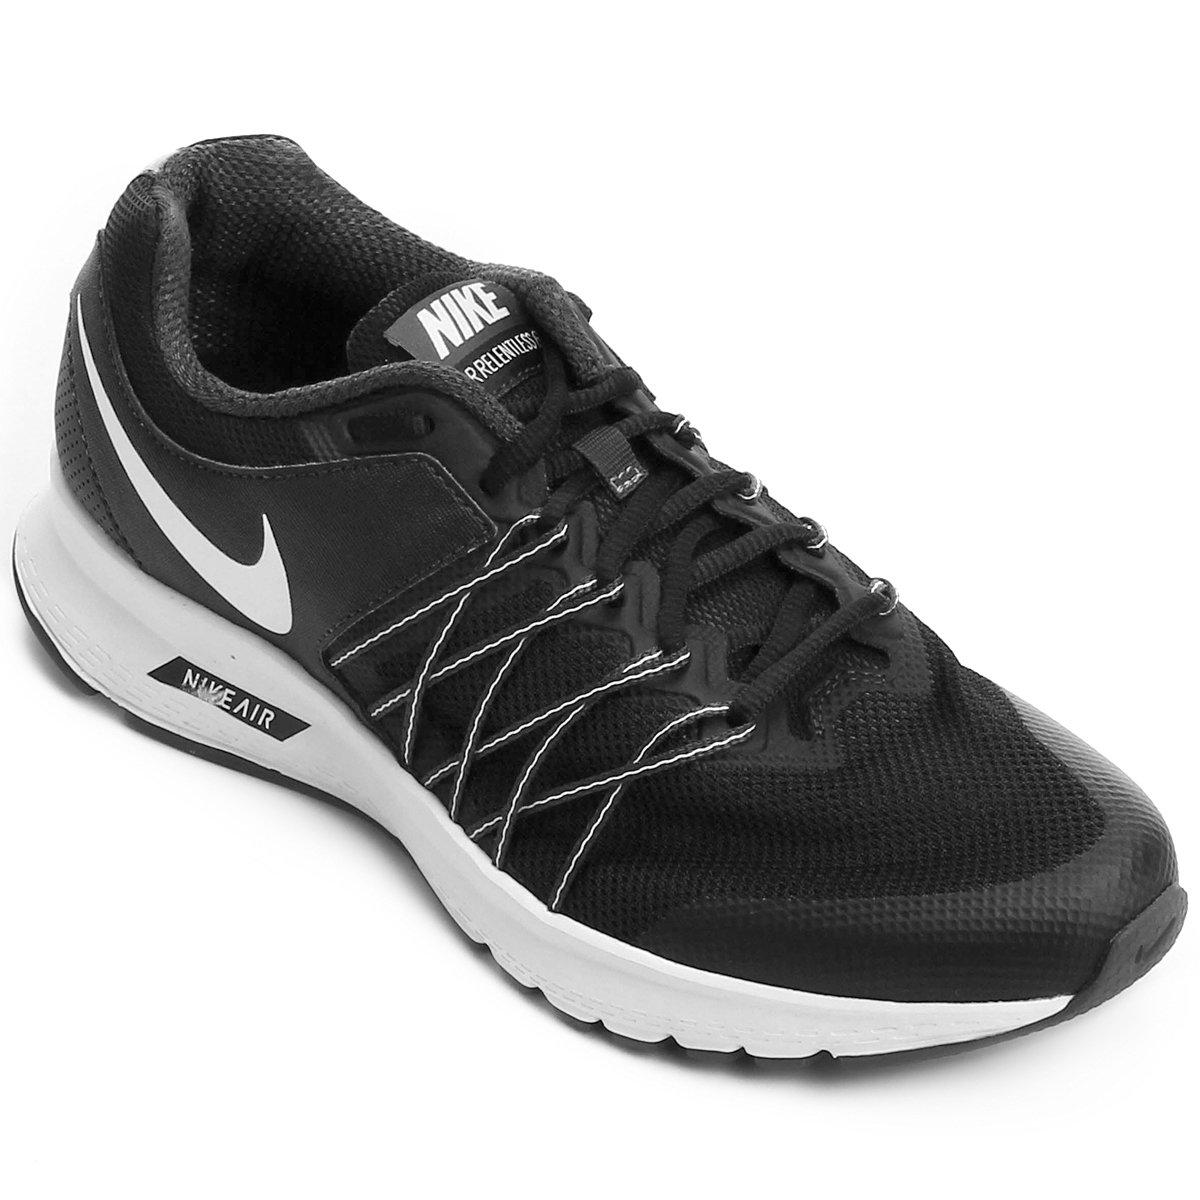 2818bedf5e0 Tênis Nike Air Relentless 6 MSL Feminino - Preto e Branco - Compre Agora